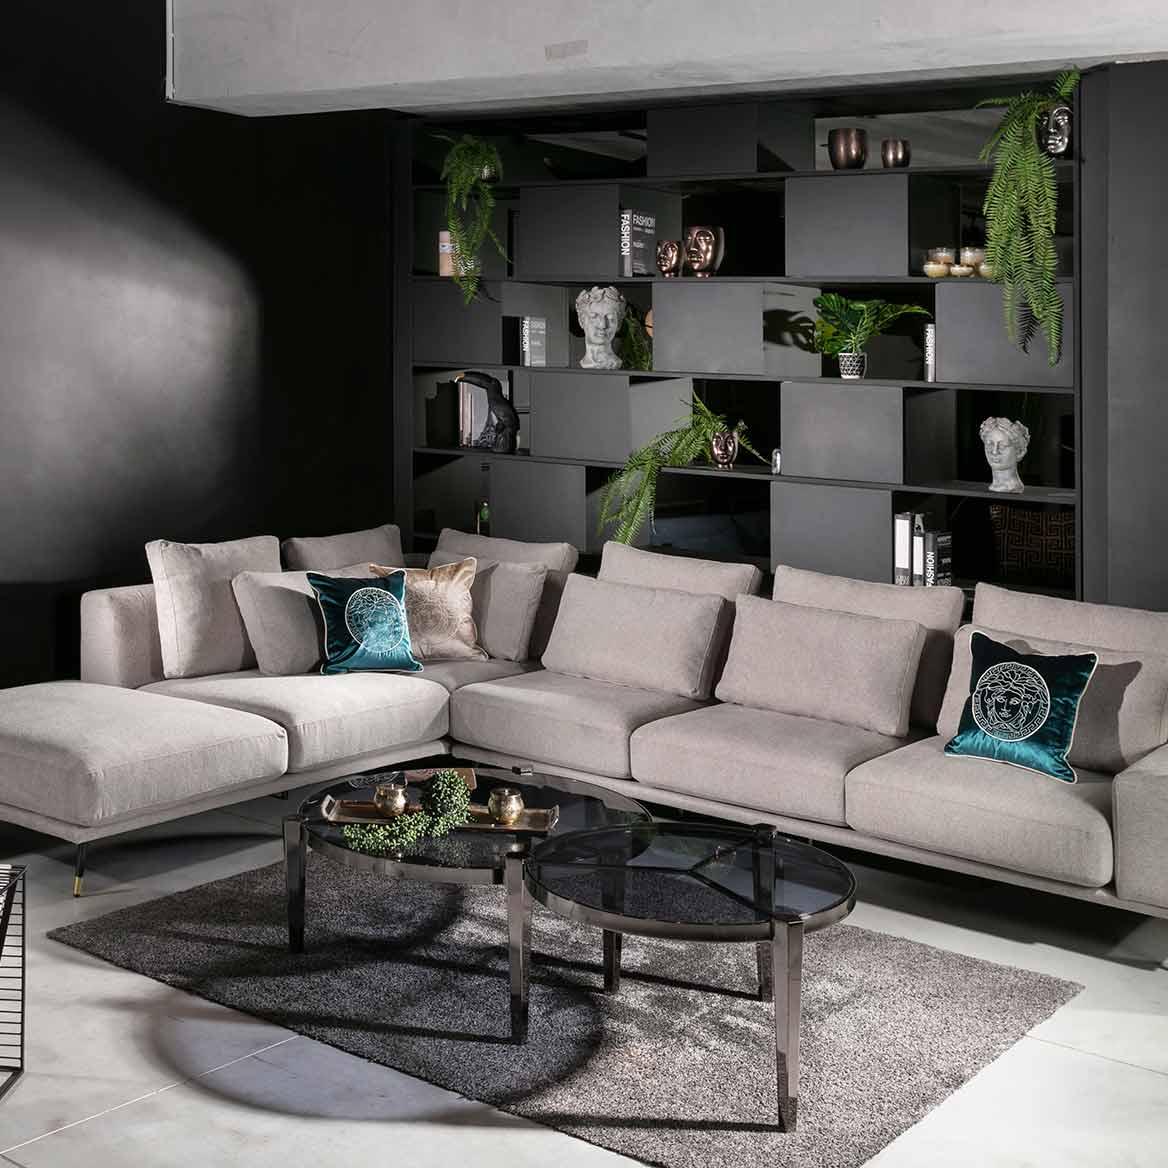 רהיטי קיבוץ השלושה סלונים ומערכות ישיבה פינתיים